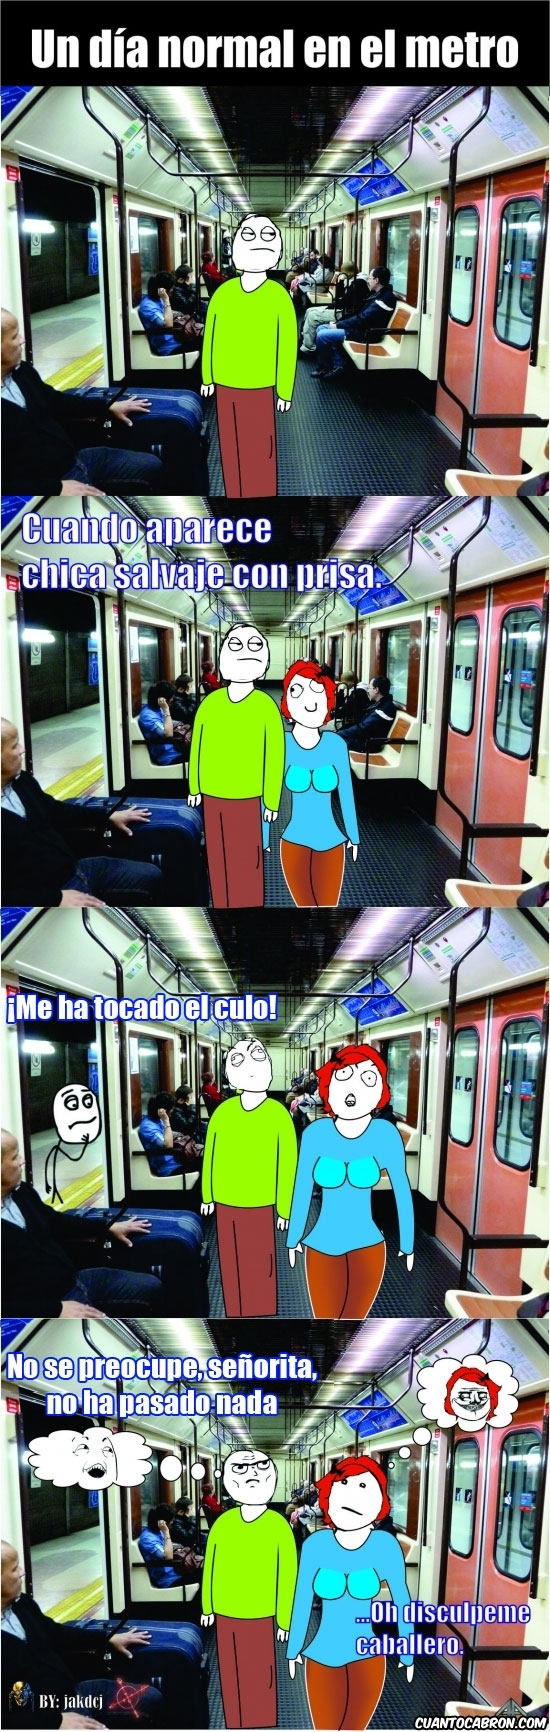 Me_gusta - Un día en el metro que jamás olvidaré